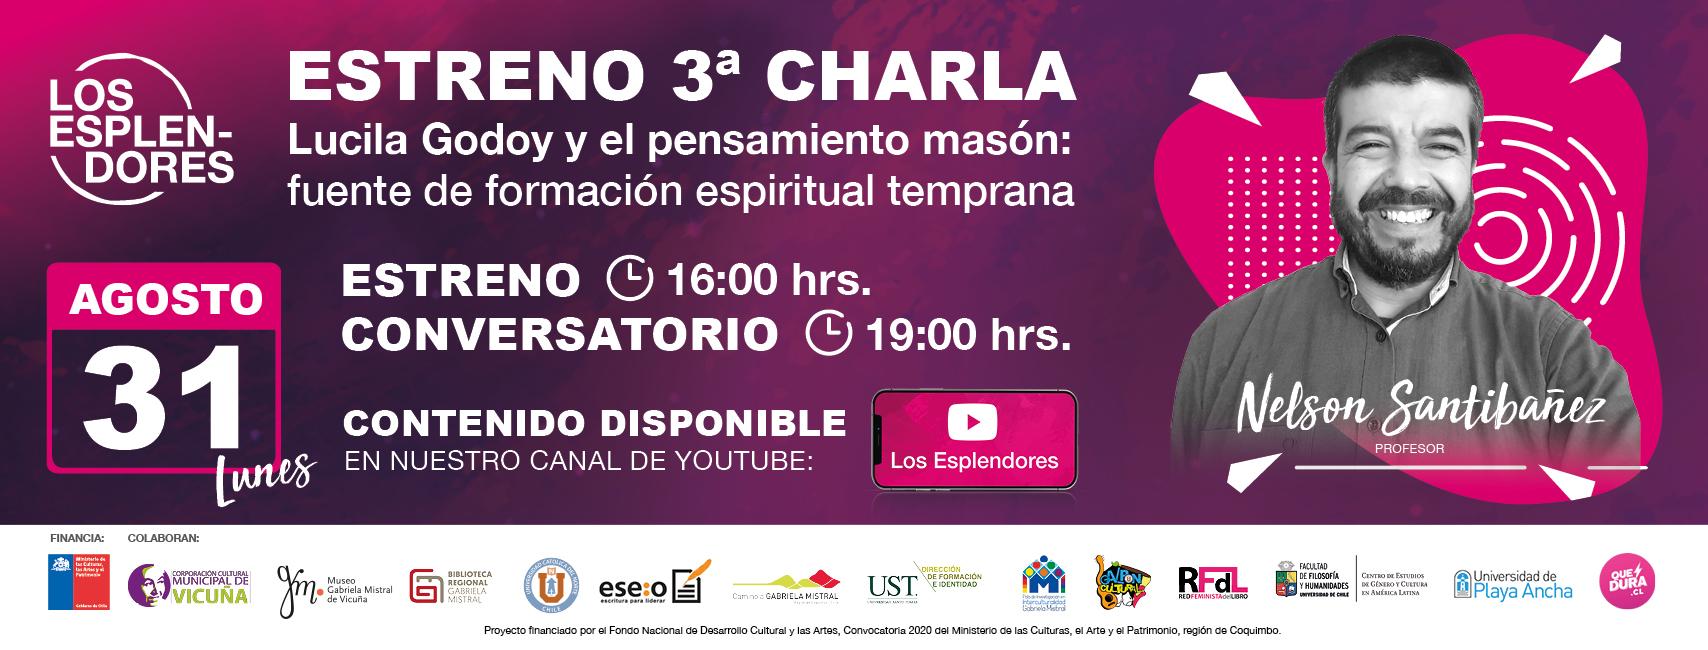 """""""Los Esplendores"""" estrenará su tercera charla gratuita en torno a Gabriela Mistral"""